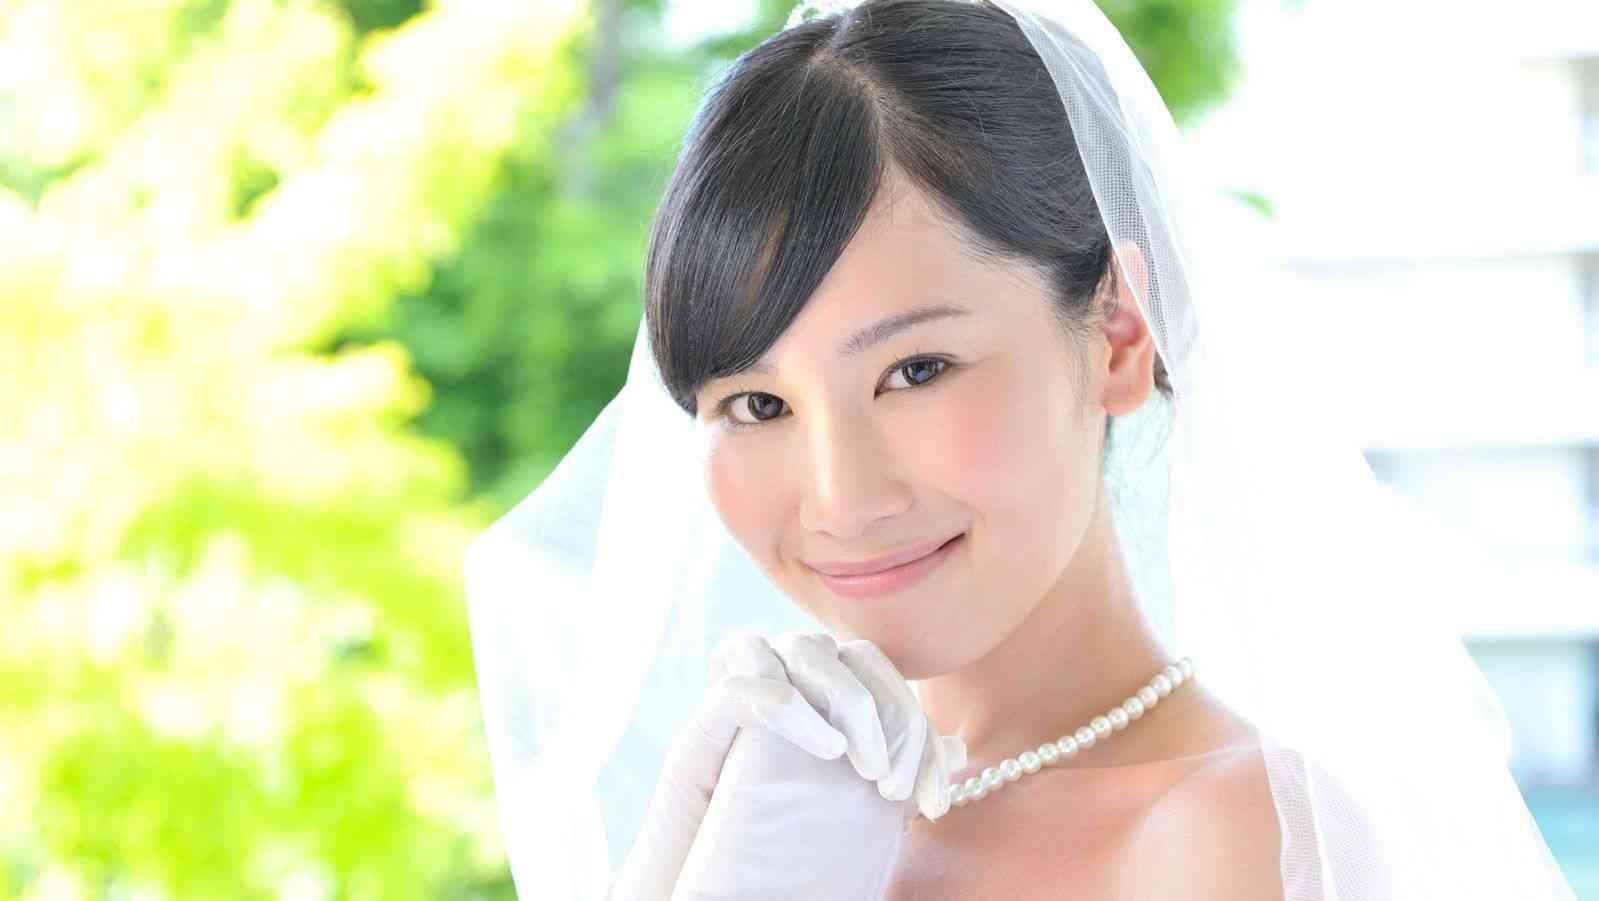 「妥協して結婚」した人の半分は後悔している | 恋愛・結婚 | 東洋経済オンライン | 経済ニュースの新基準